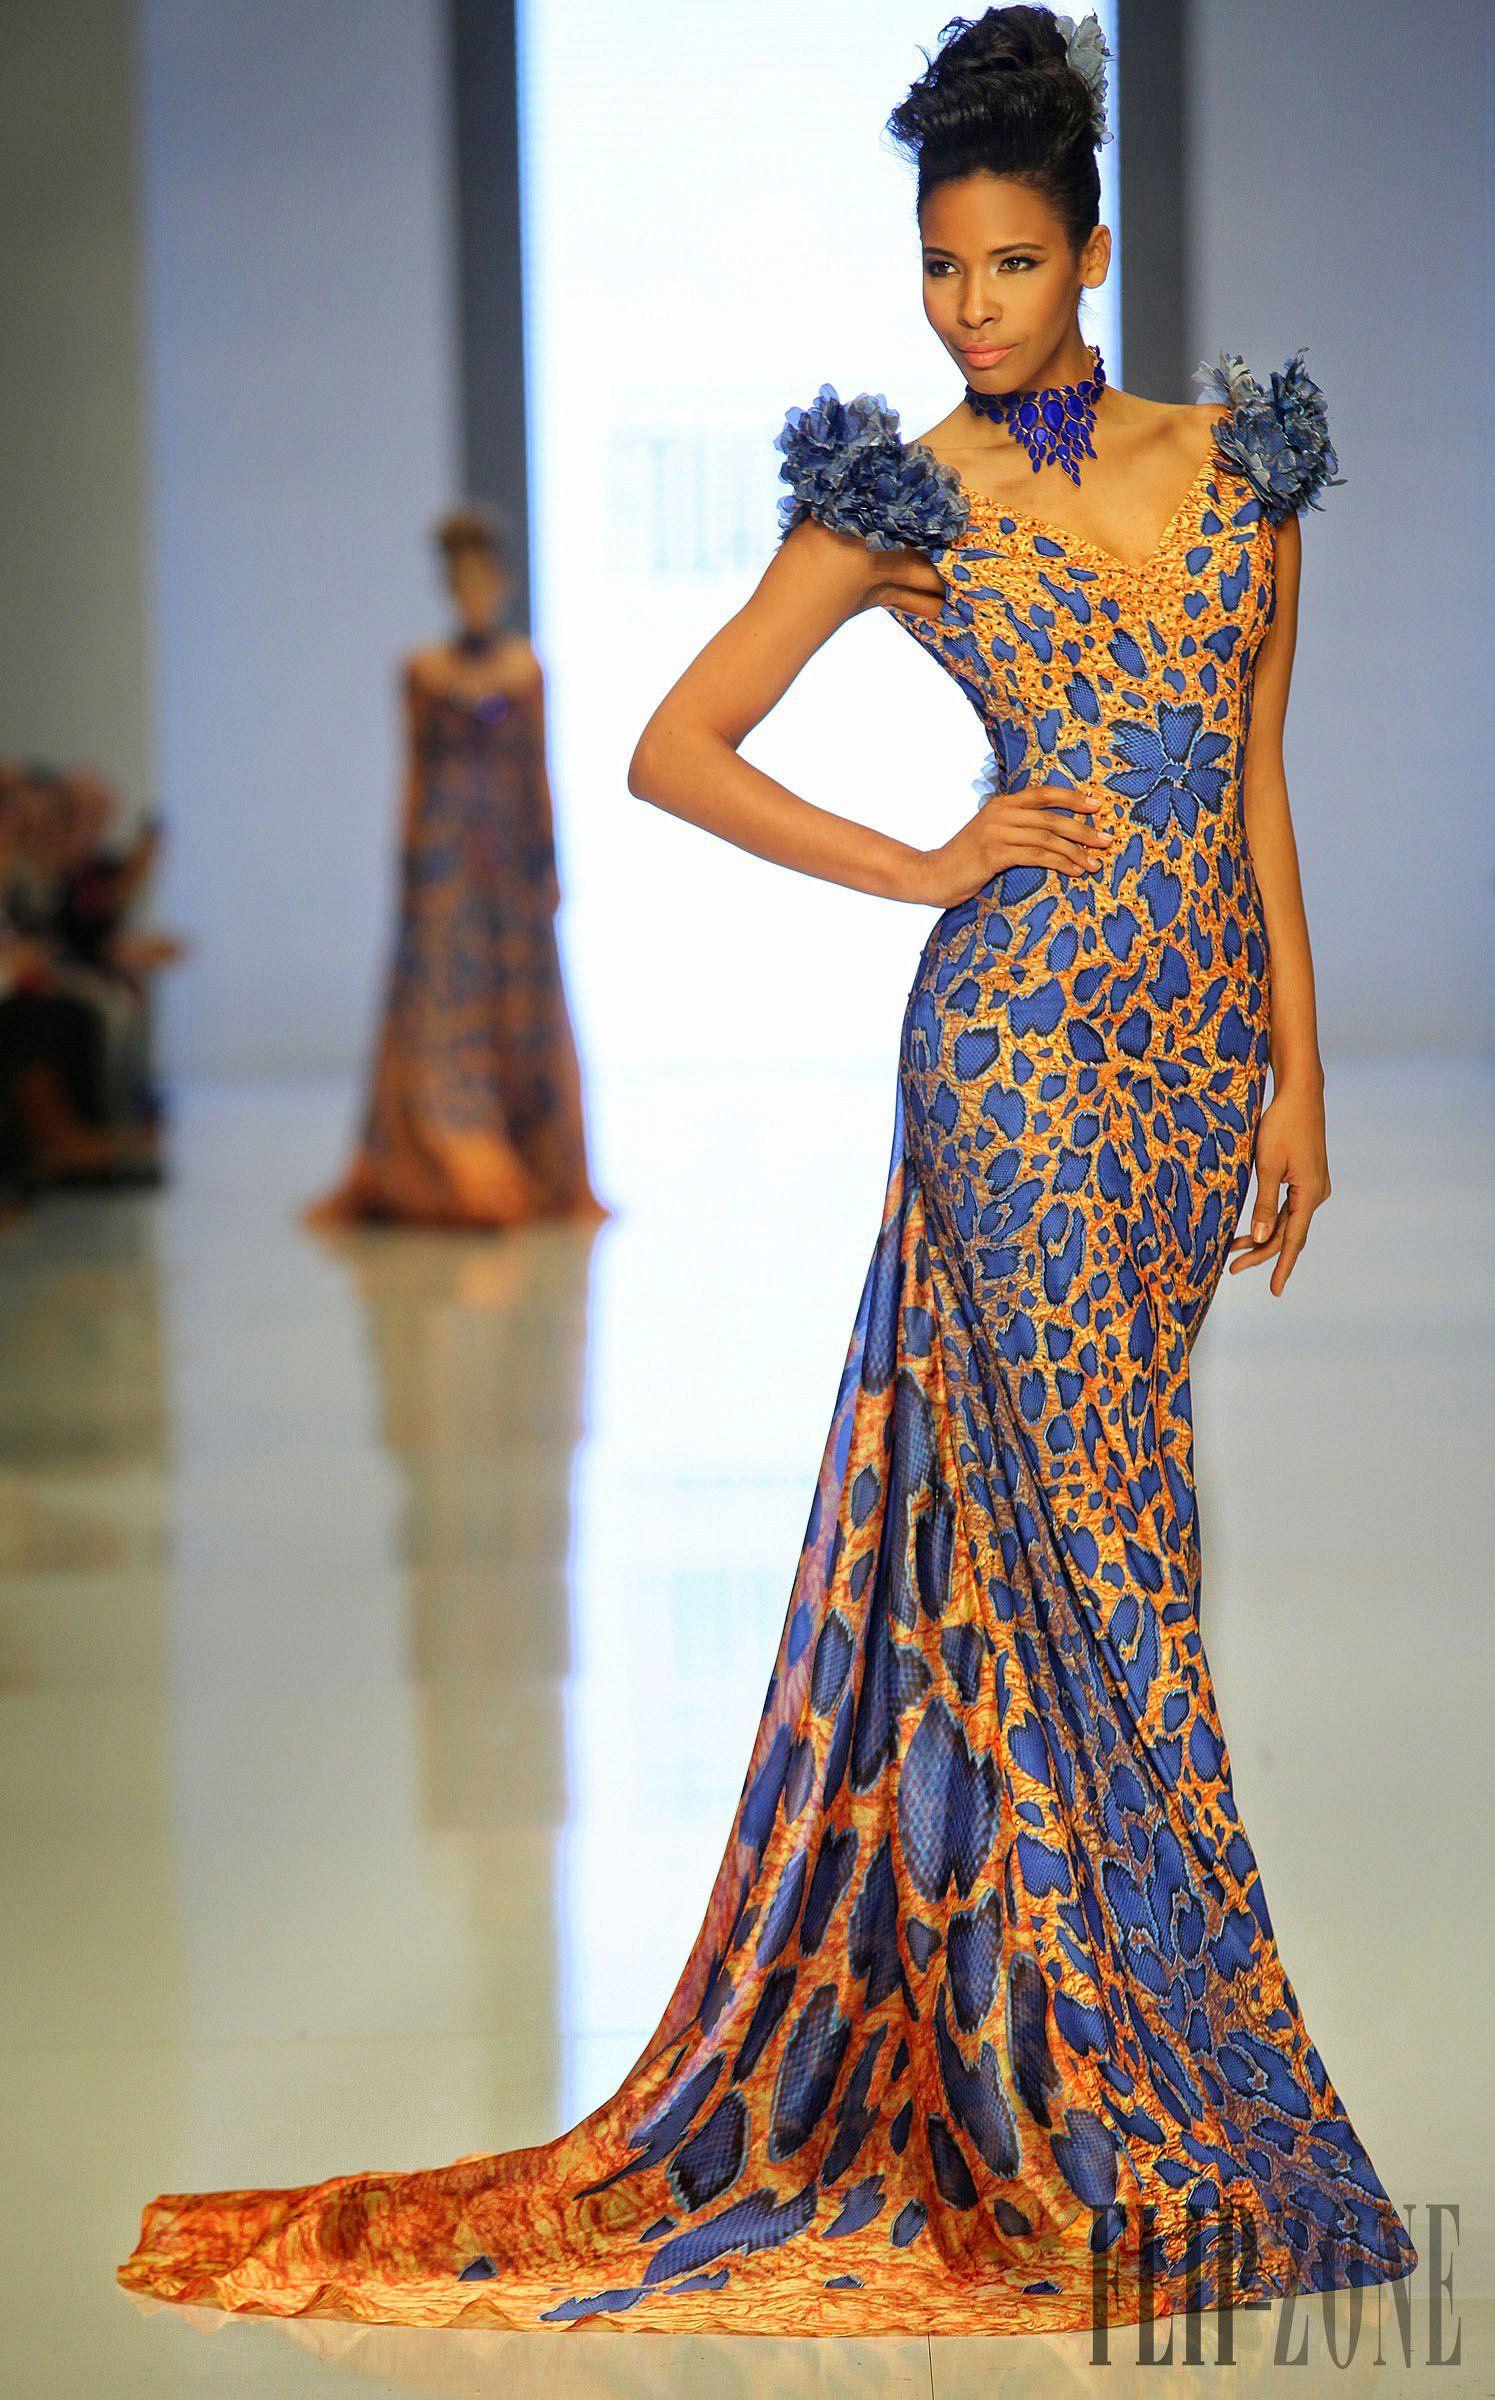 fouad sarkis printemps t 2014 haute couture kaftan pinterest haute couture robe. Black Bedroom Furniture Sets. Home Design Ideas